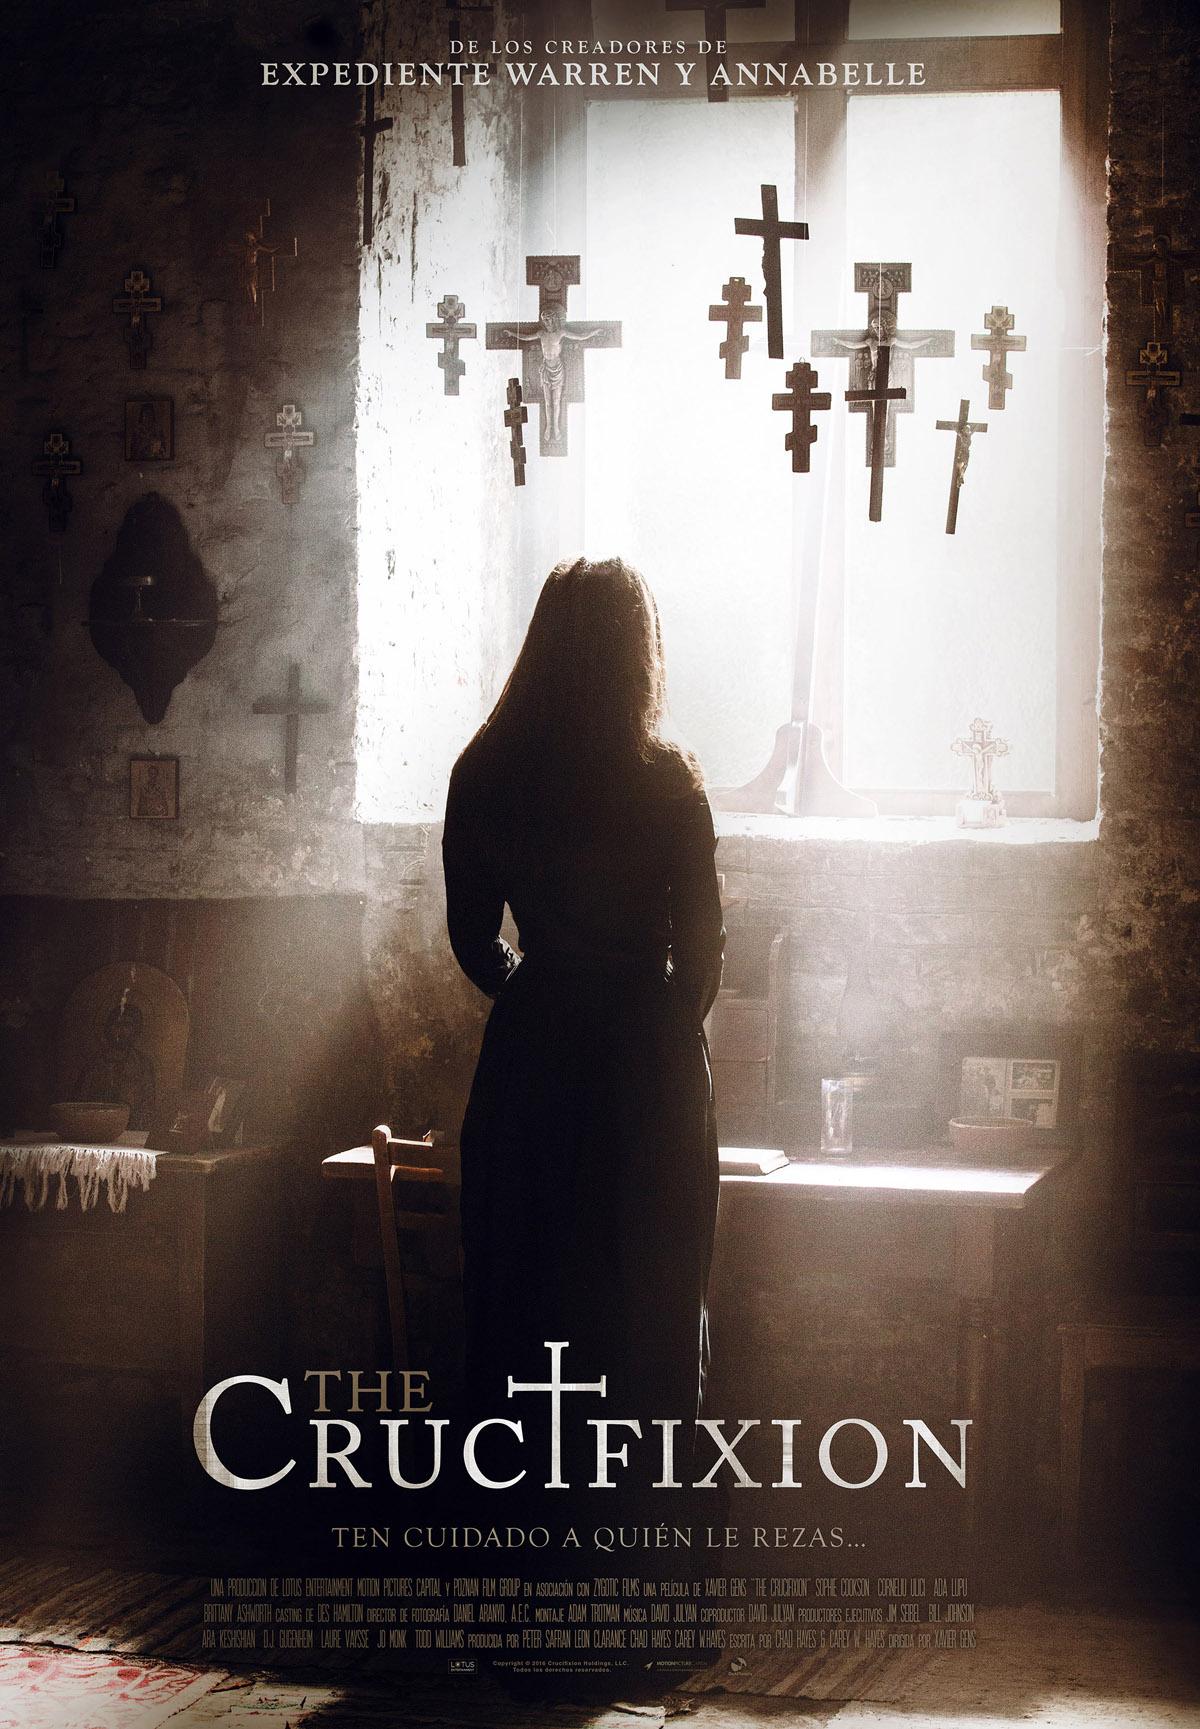 The Crucifixion: Películas similares - SensaCine.com